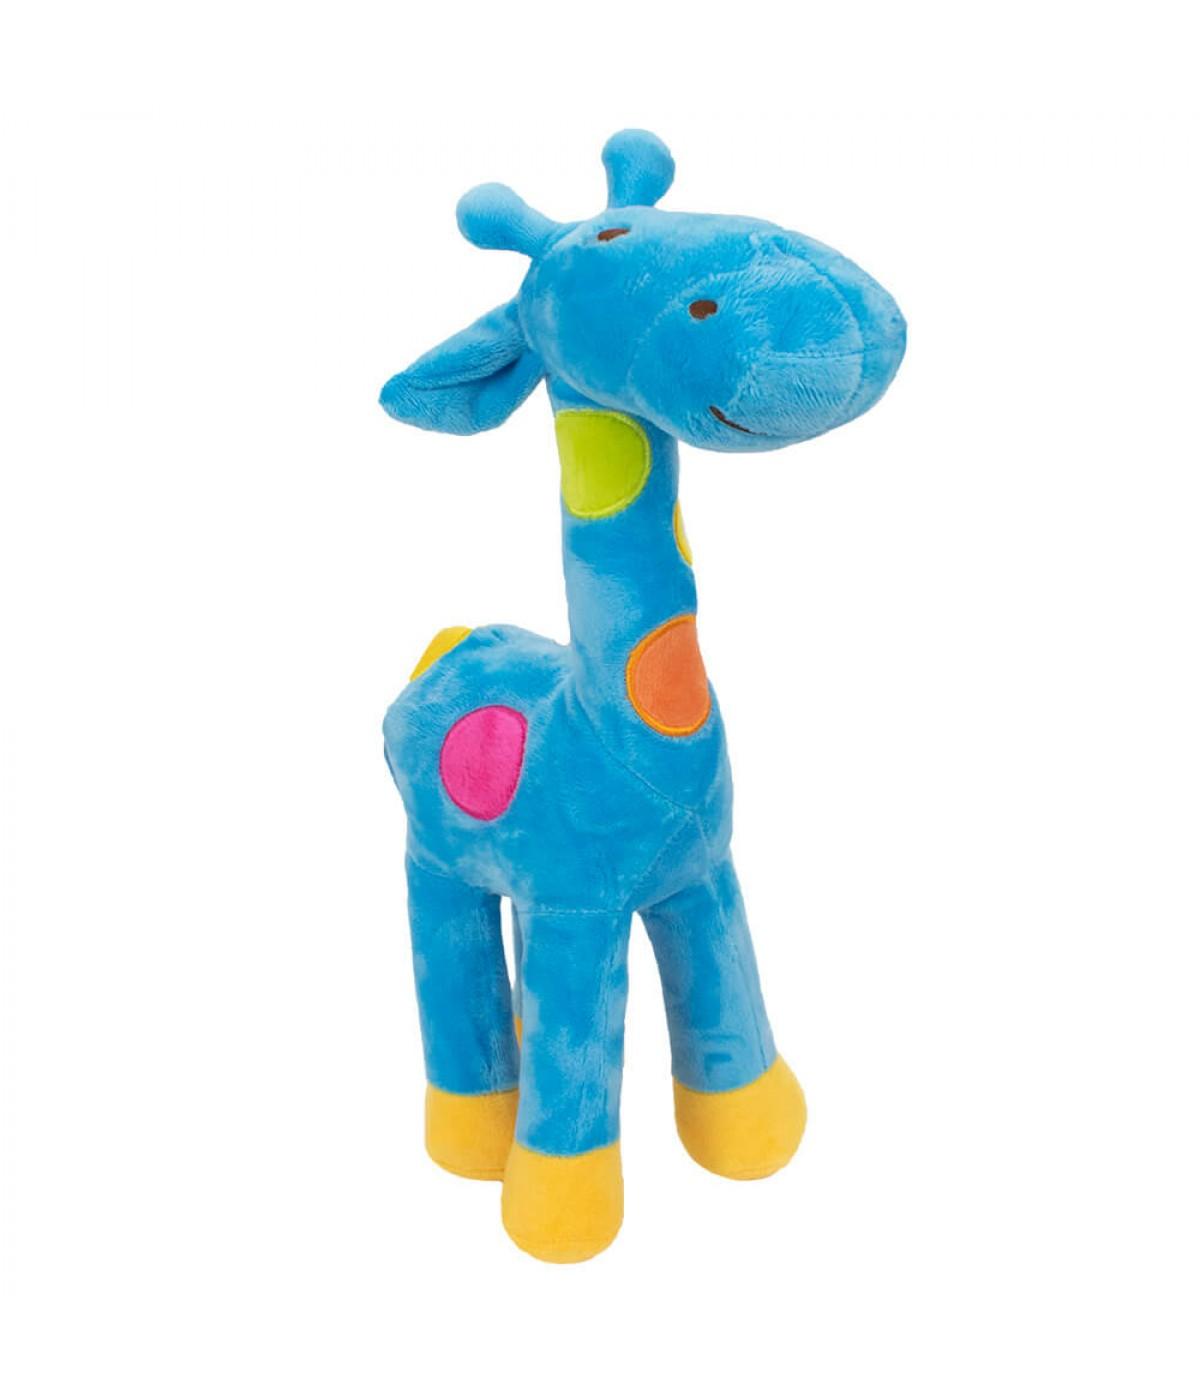 Girafa Azul Com Pintas Coloridas 34cm - Pelúcia